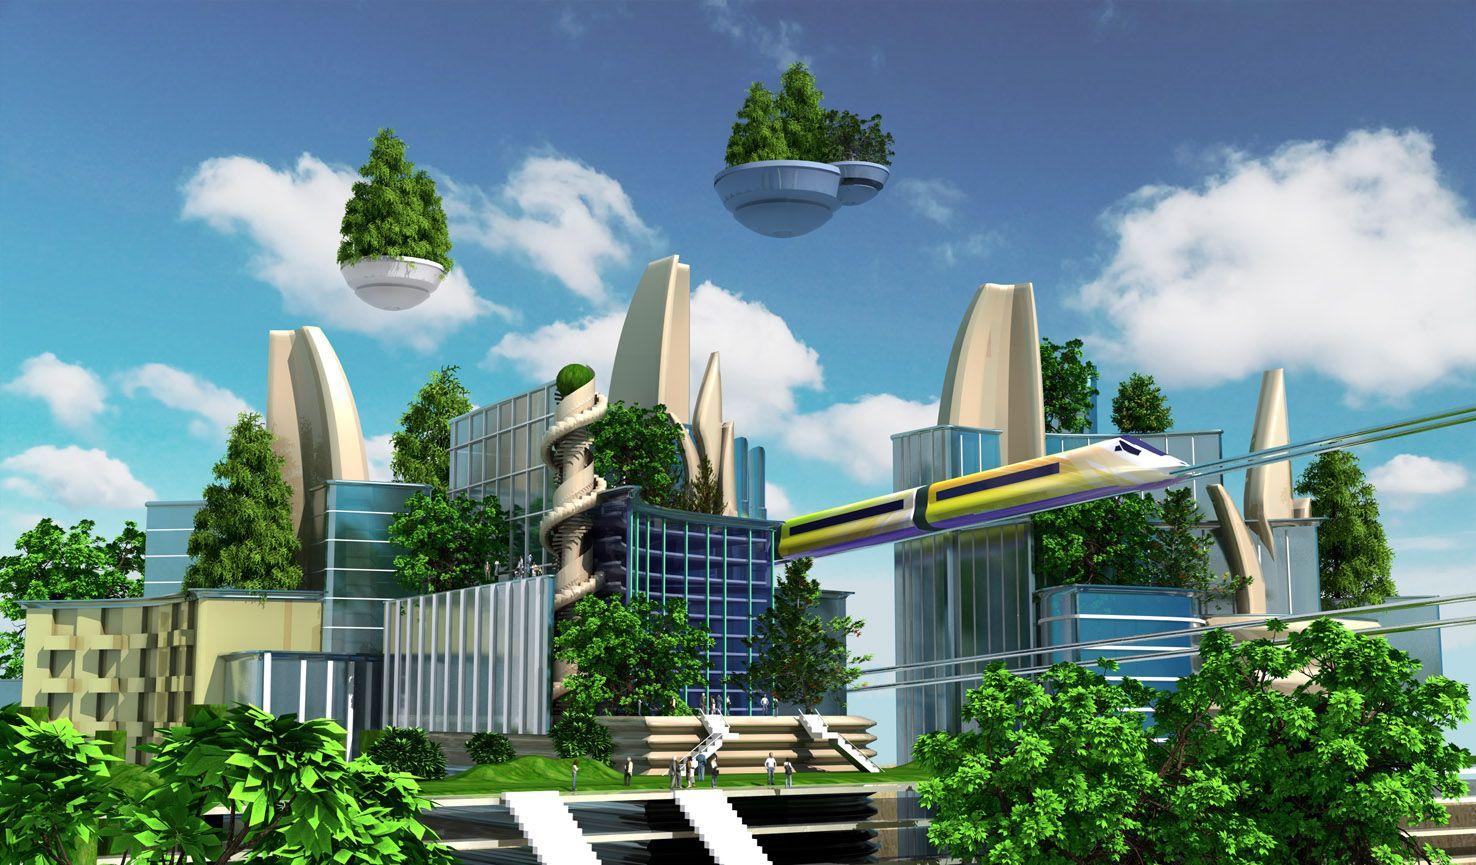 Pingl par elixir sur 2030 pinterest ville imaginaire for Architecture futuriste ecologique